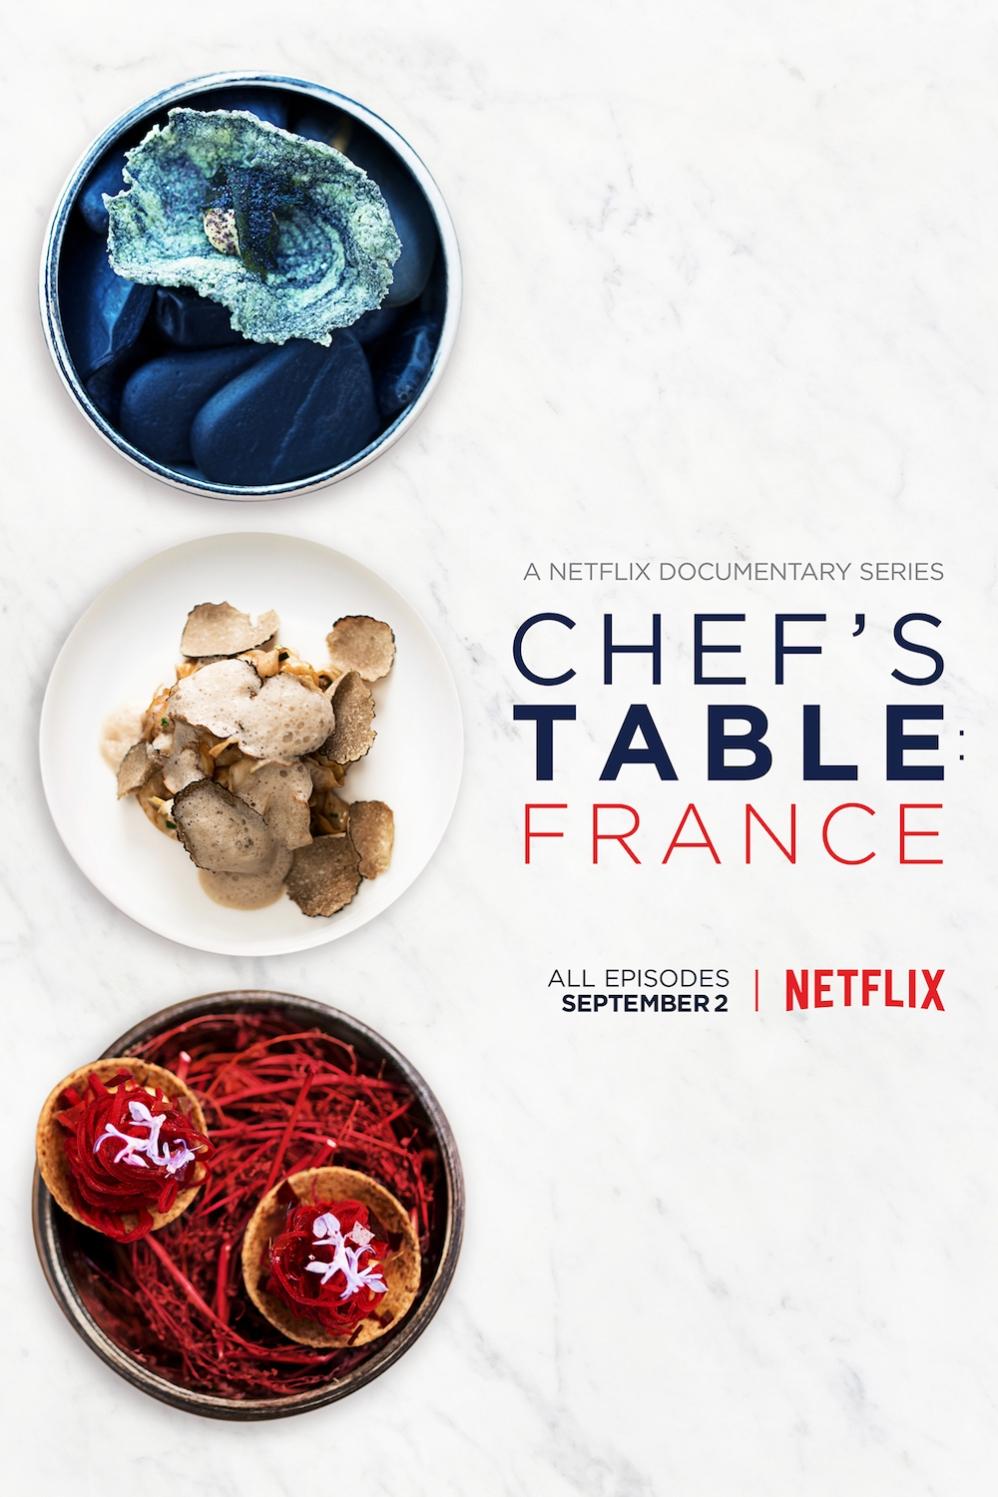 chefs_table_france_poster.jpg